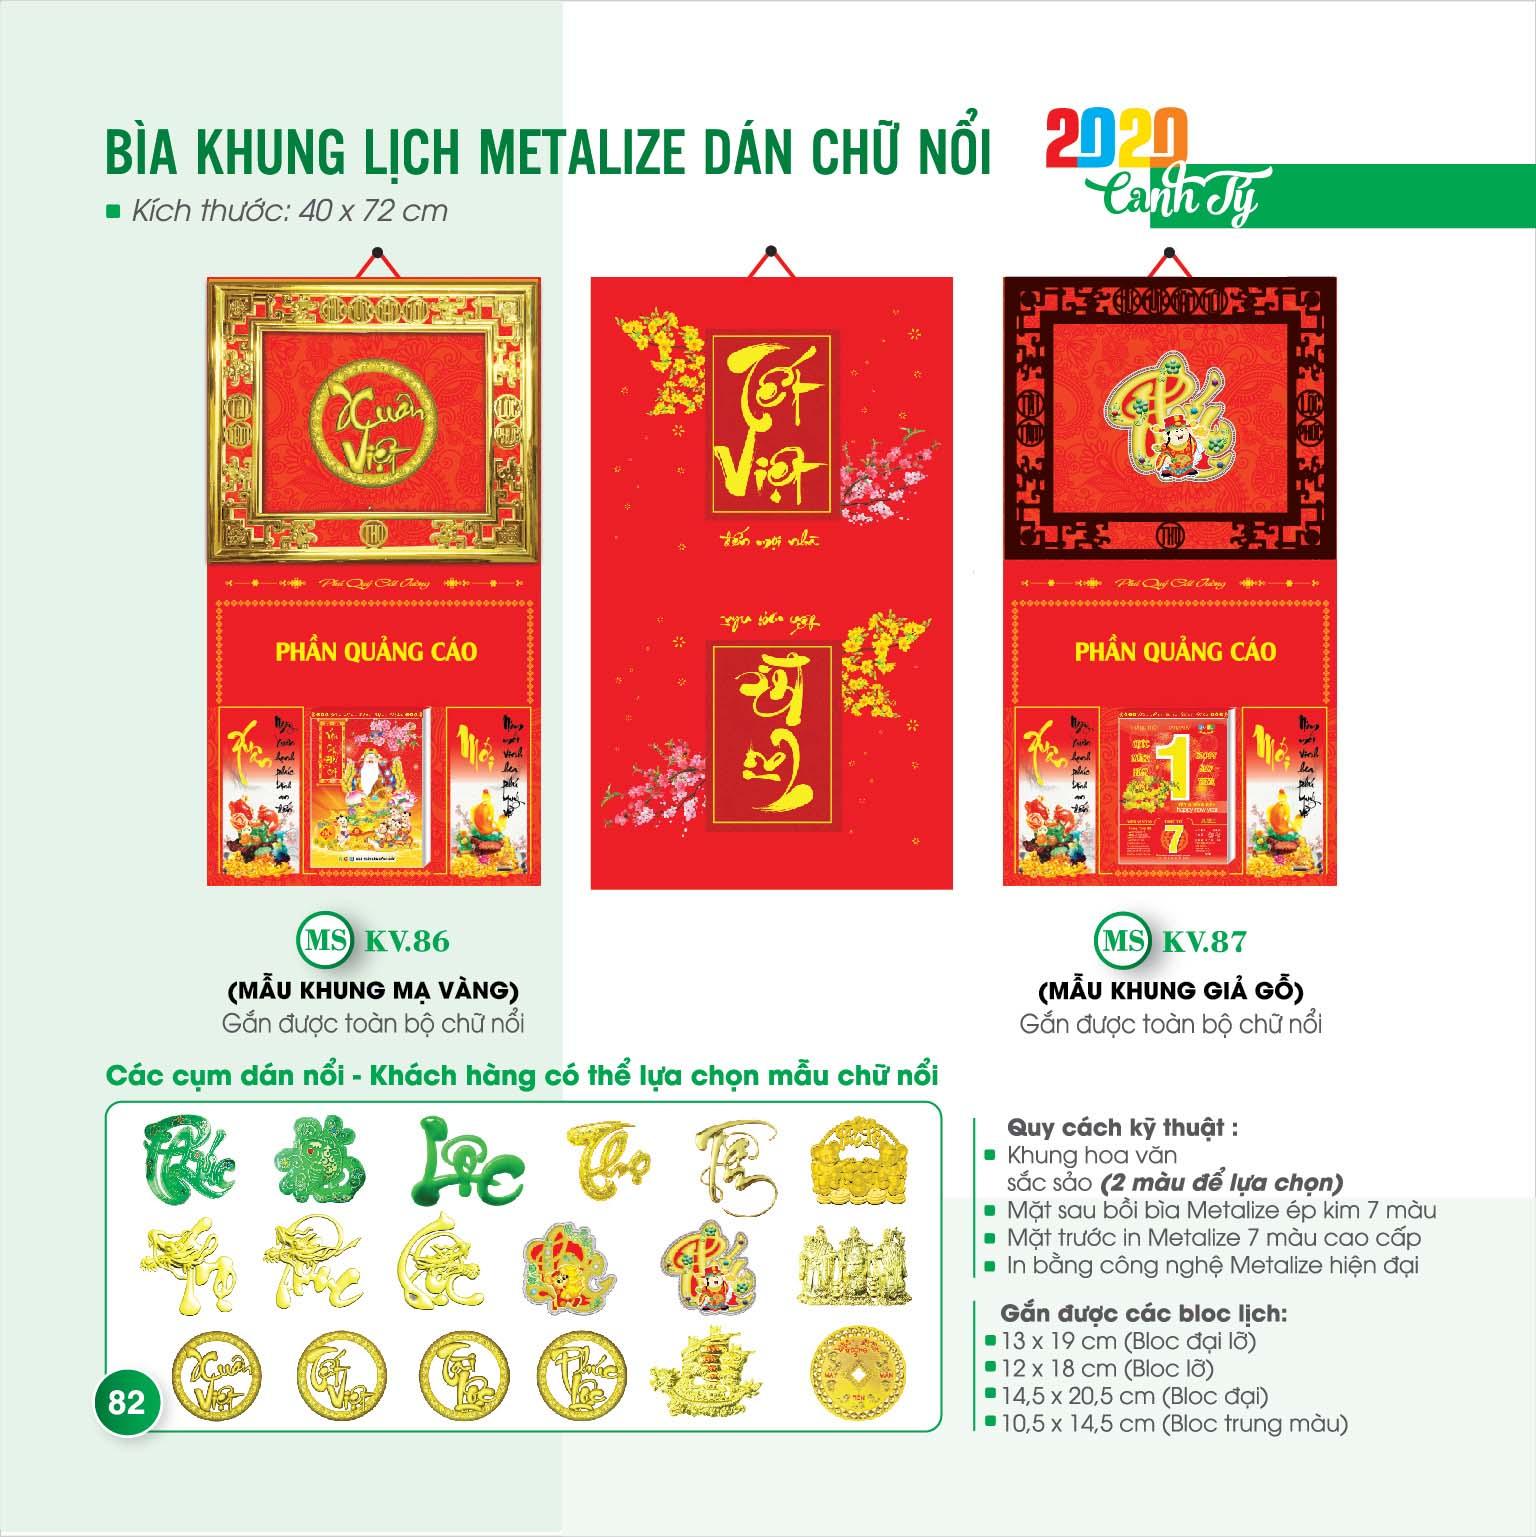 Địa chỉ cung cấp bìa lịch khung treo tường giá rẻ đẹp tp.hcm